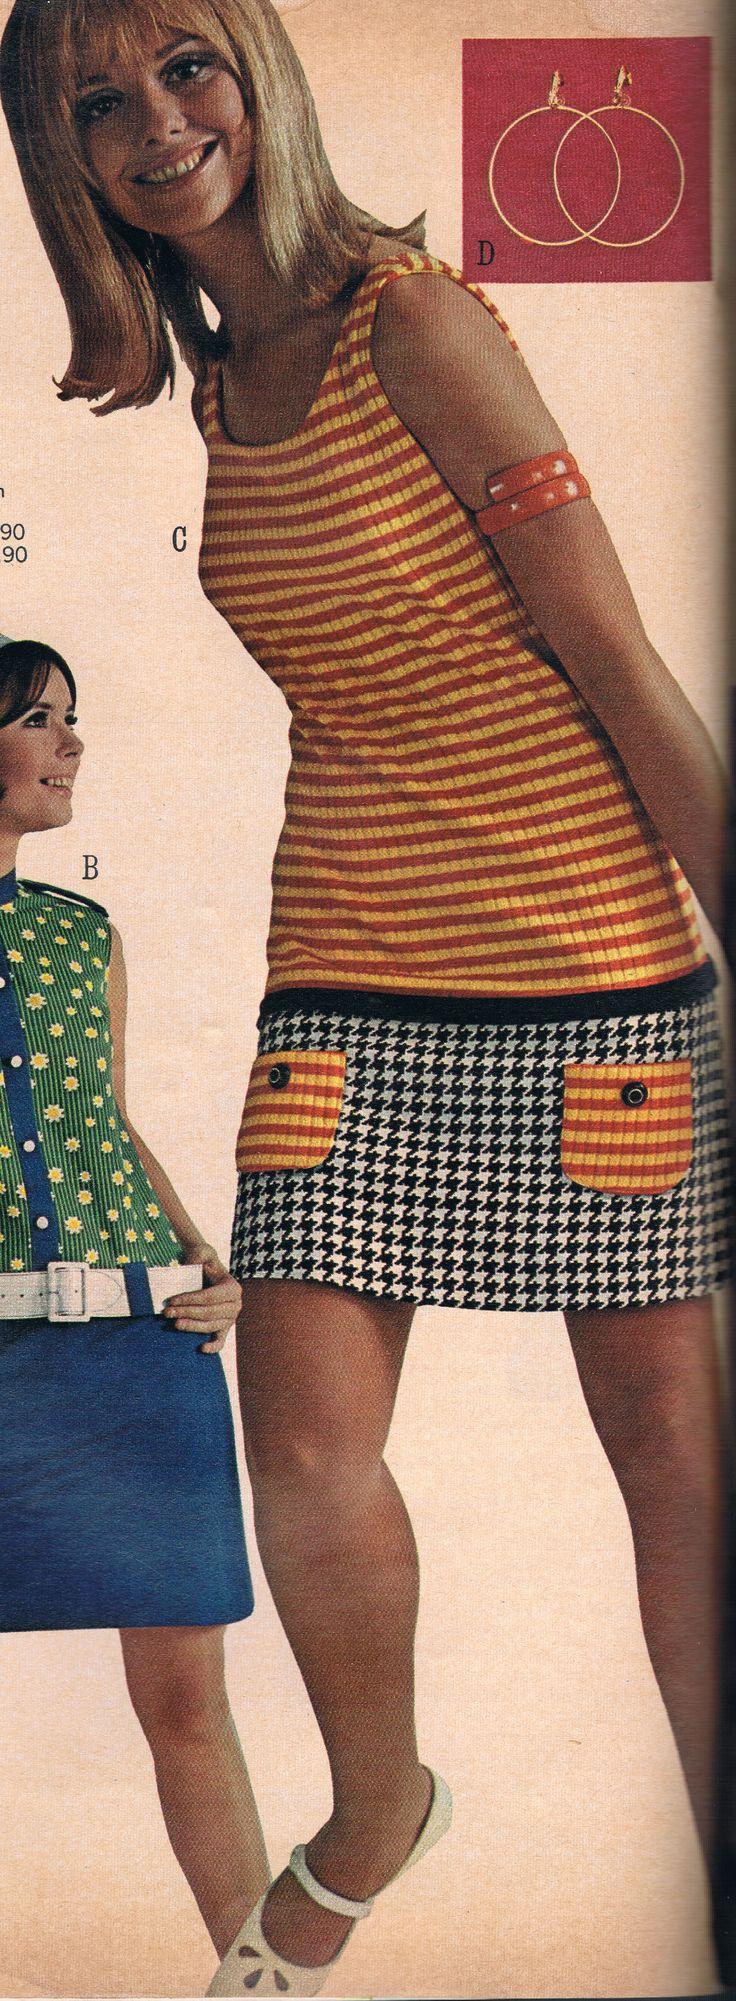 die besten 25 hippies 1960er ideen auf pinterest 70er. Black Bedroom Furniture Sets. Home Design Ideas